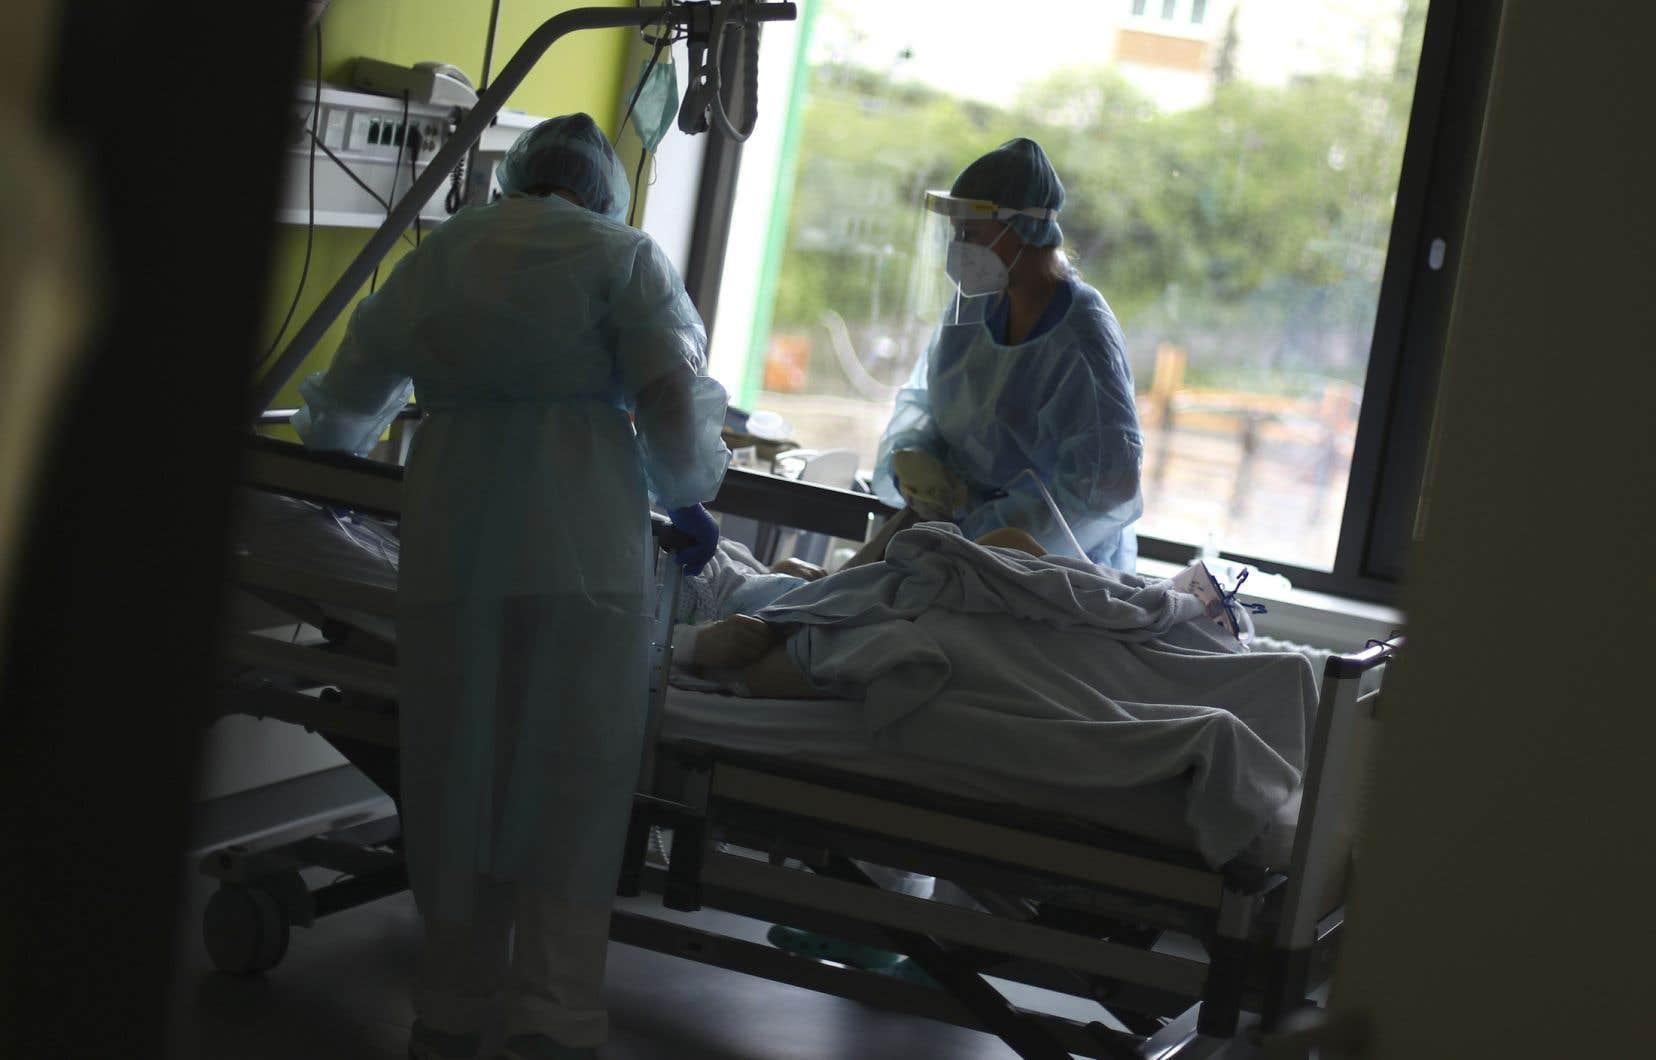 «Il faut rétablir la gestion de proximité dans les établissements de santé, plus particulièrement les hôpitaux de soins aigus, et la confier à des gestionnaires qui sont plus près du terrain et de la réalité du personnel médical et des patients», estime l'autrice.